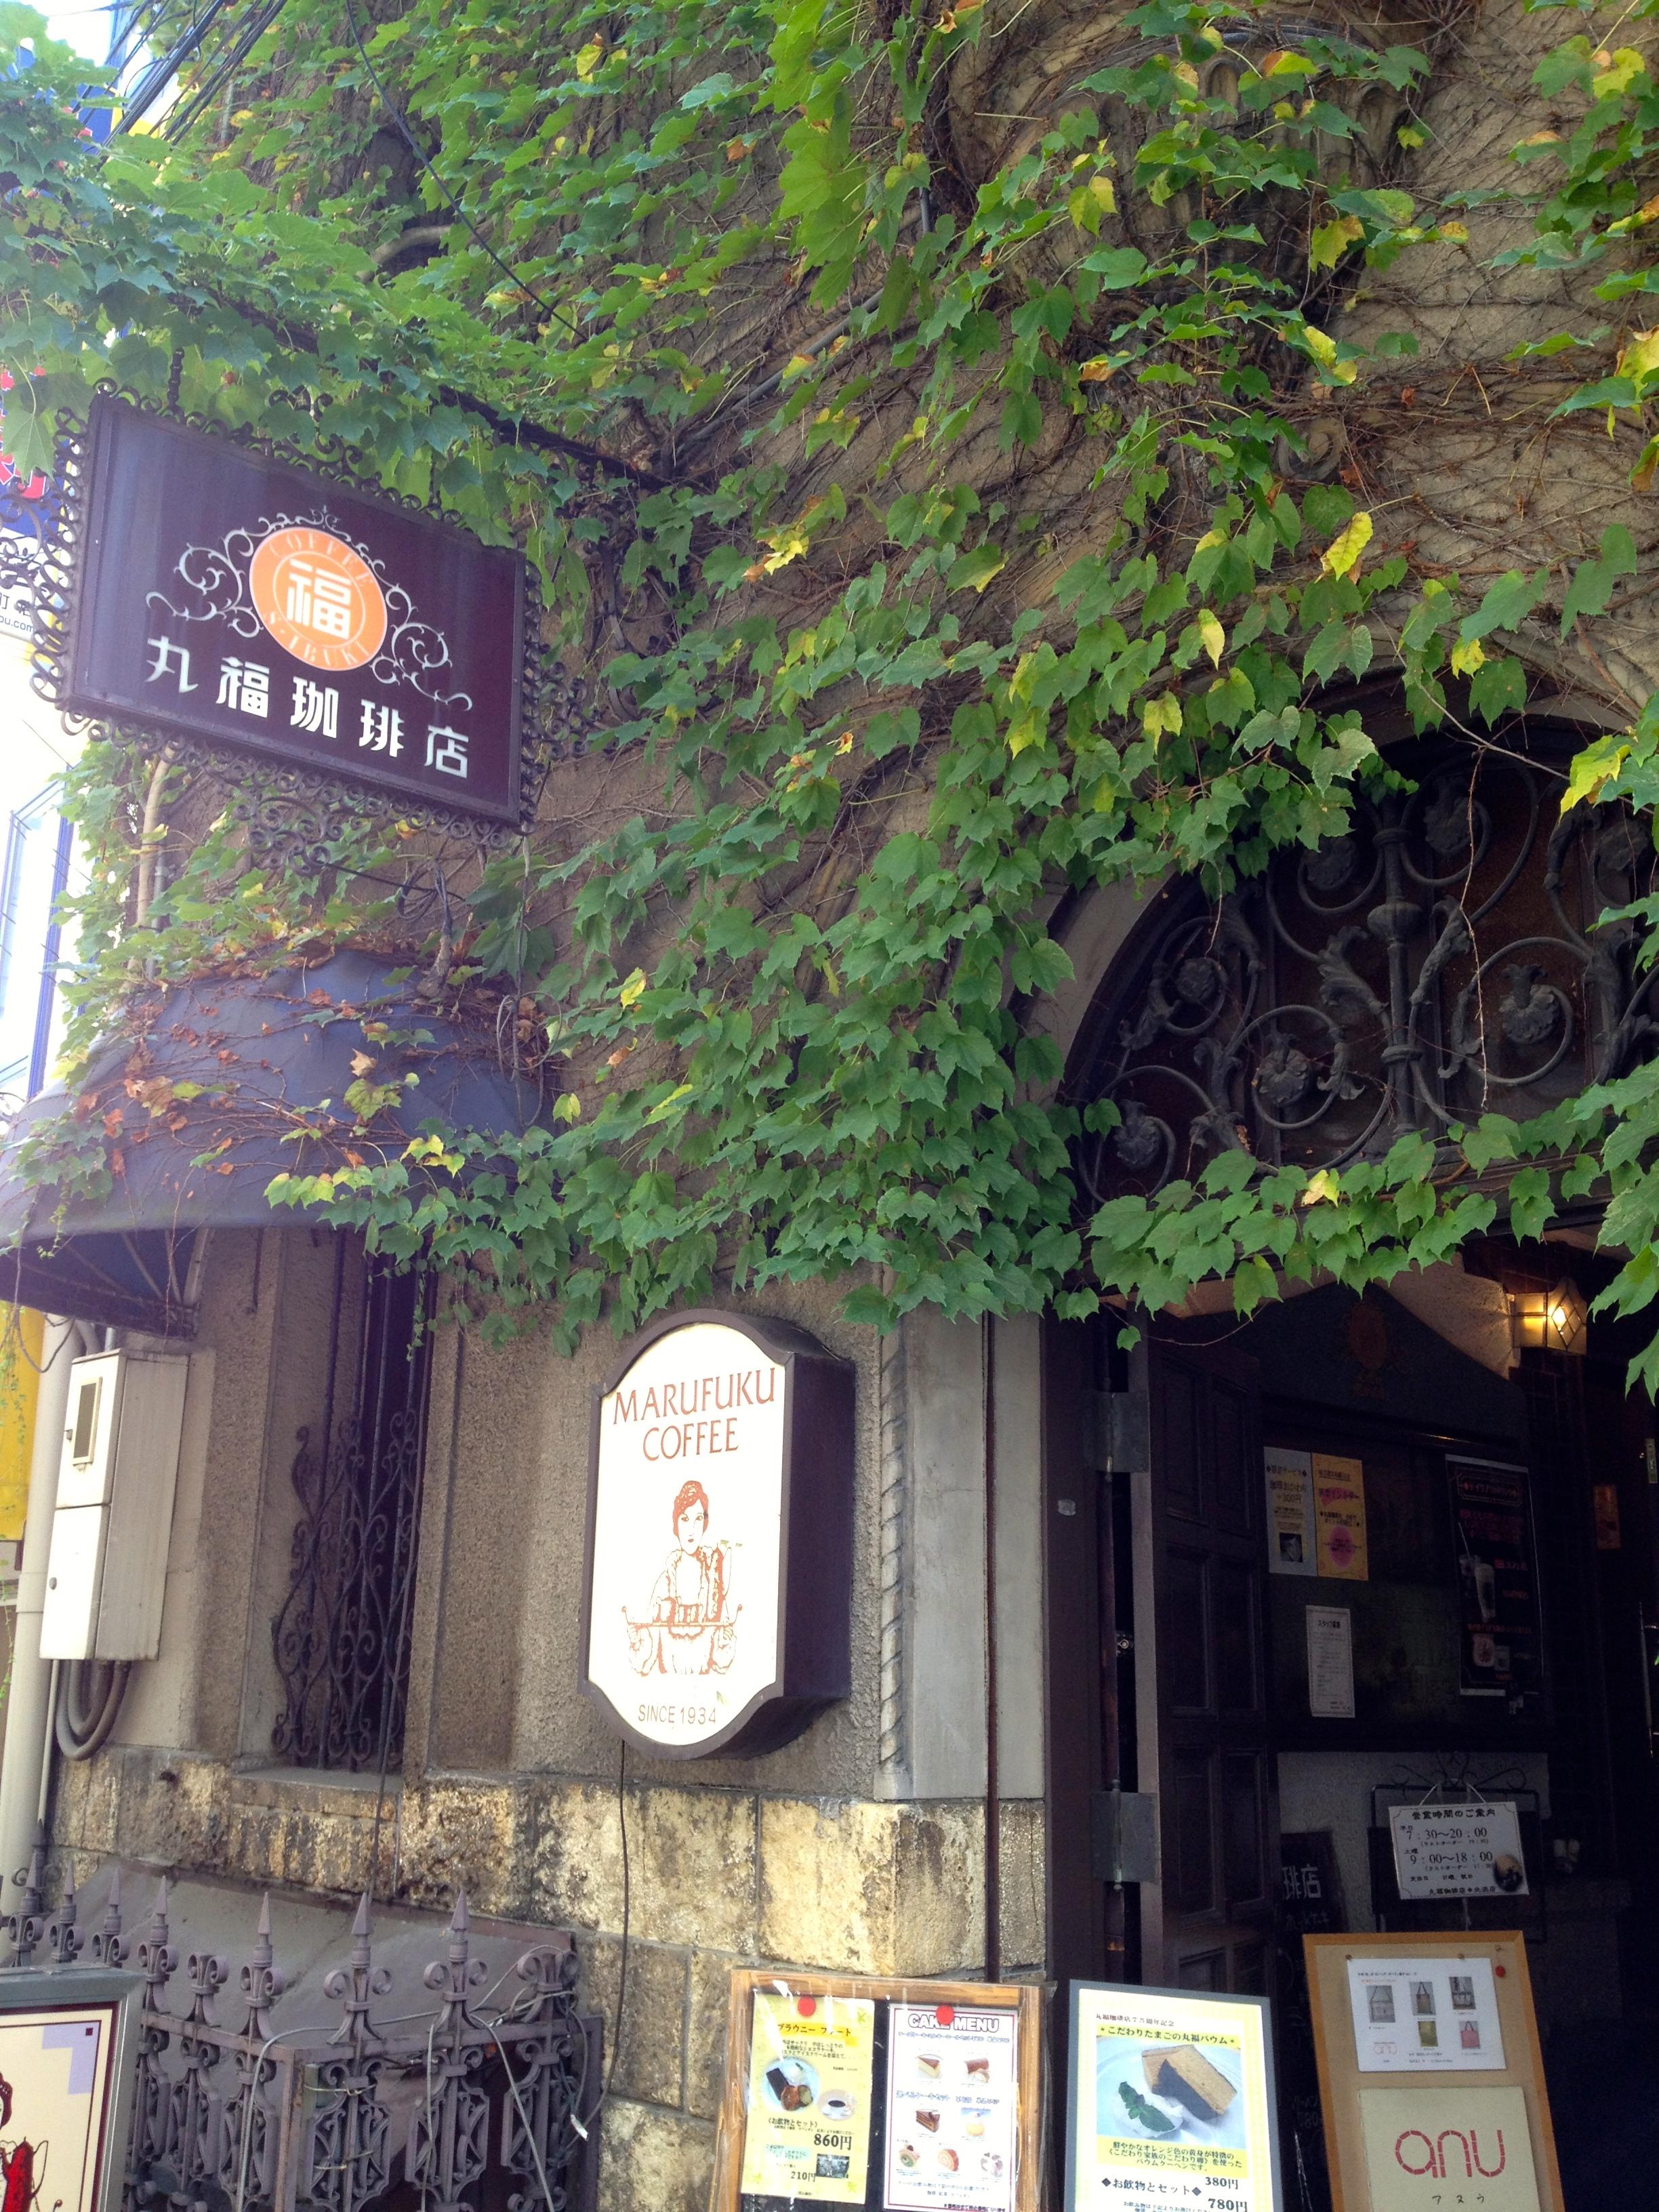 前を通りがかった老舗・丸福珈琲店(since1925)